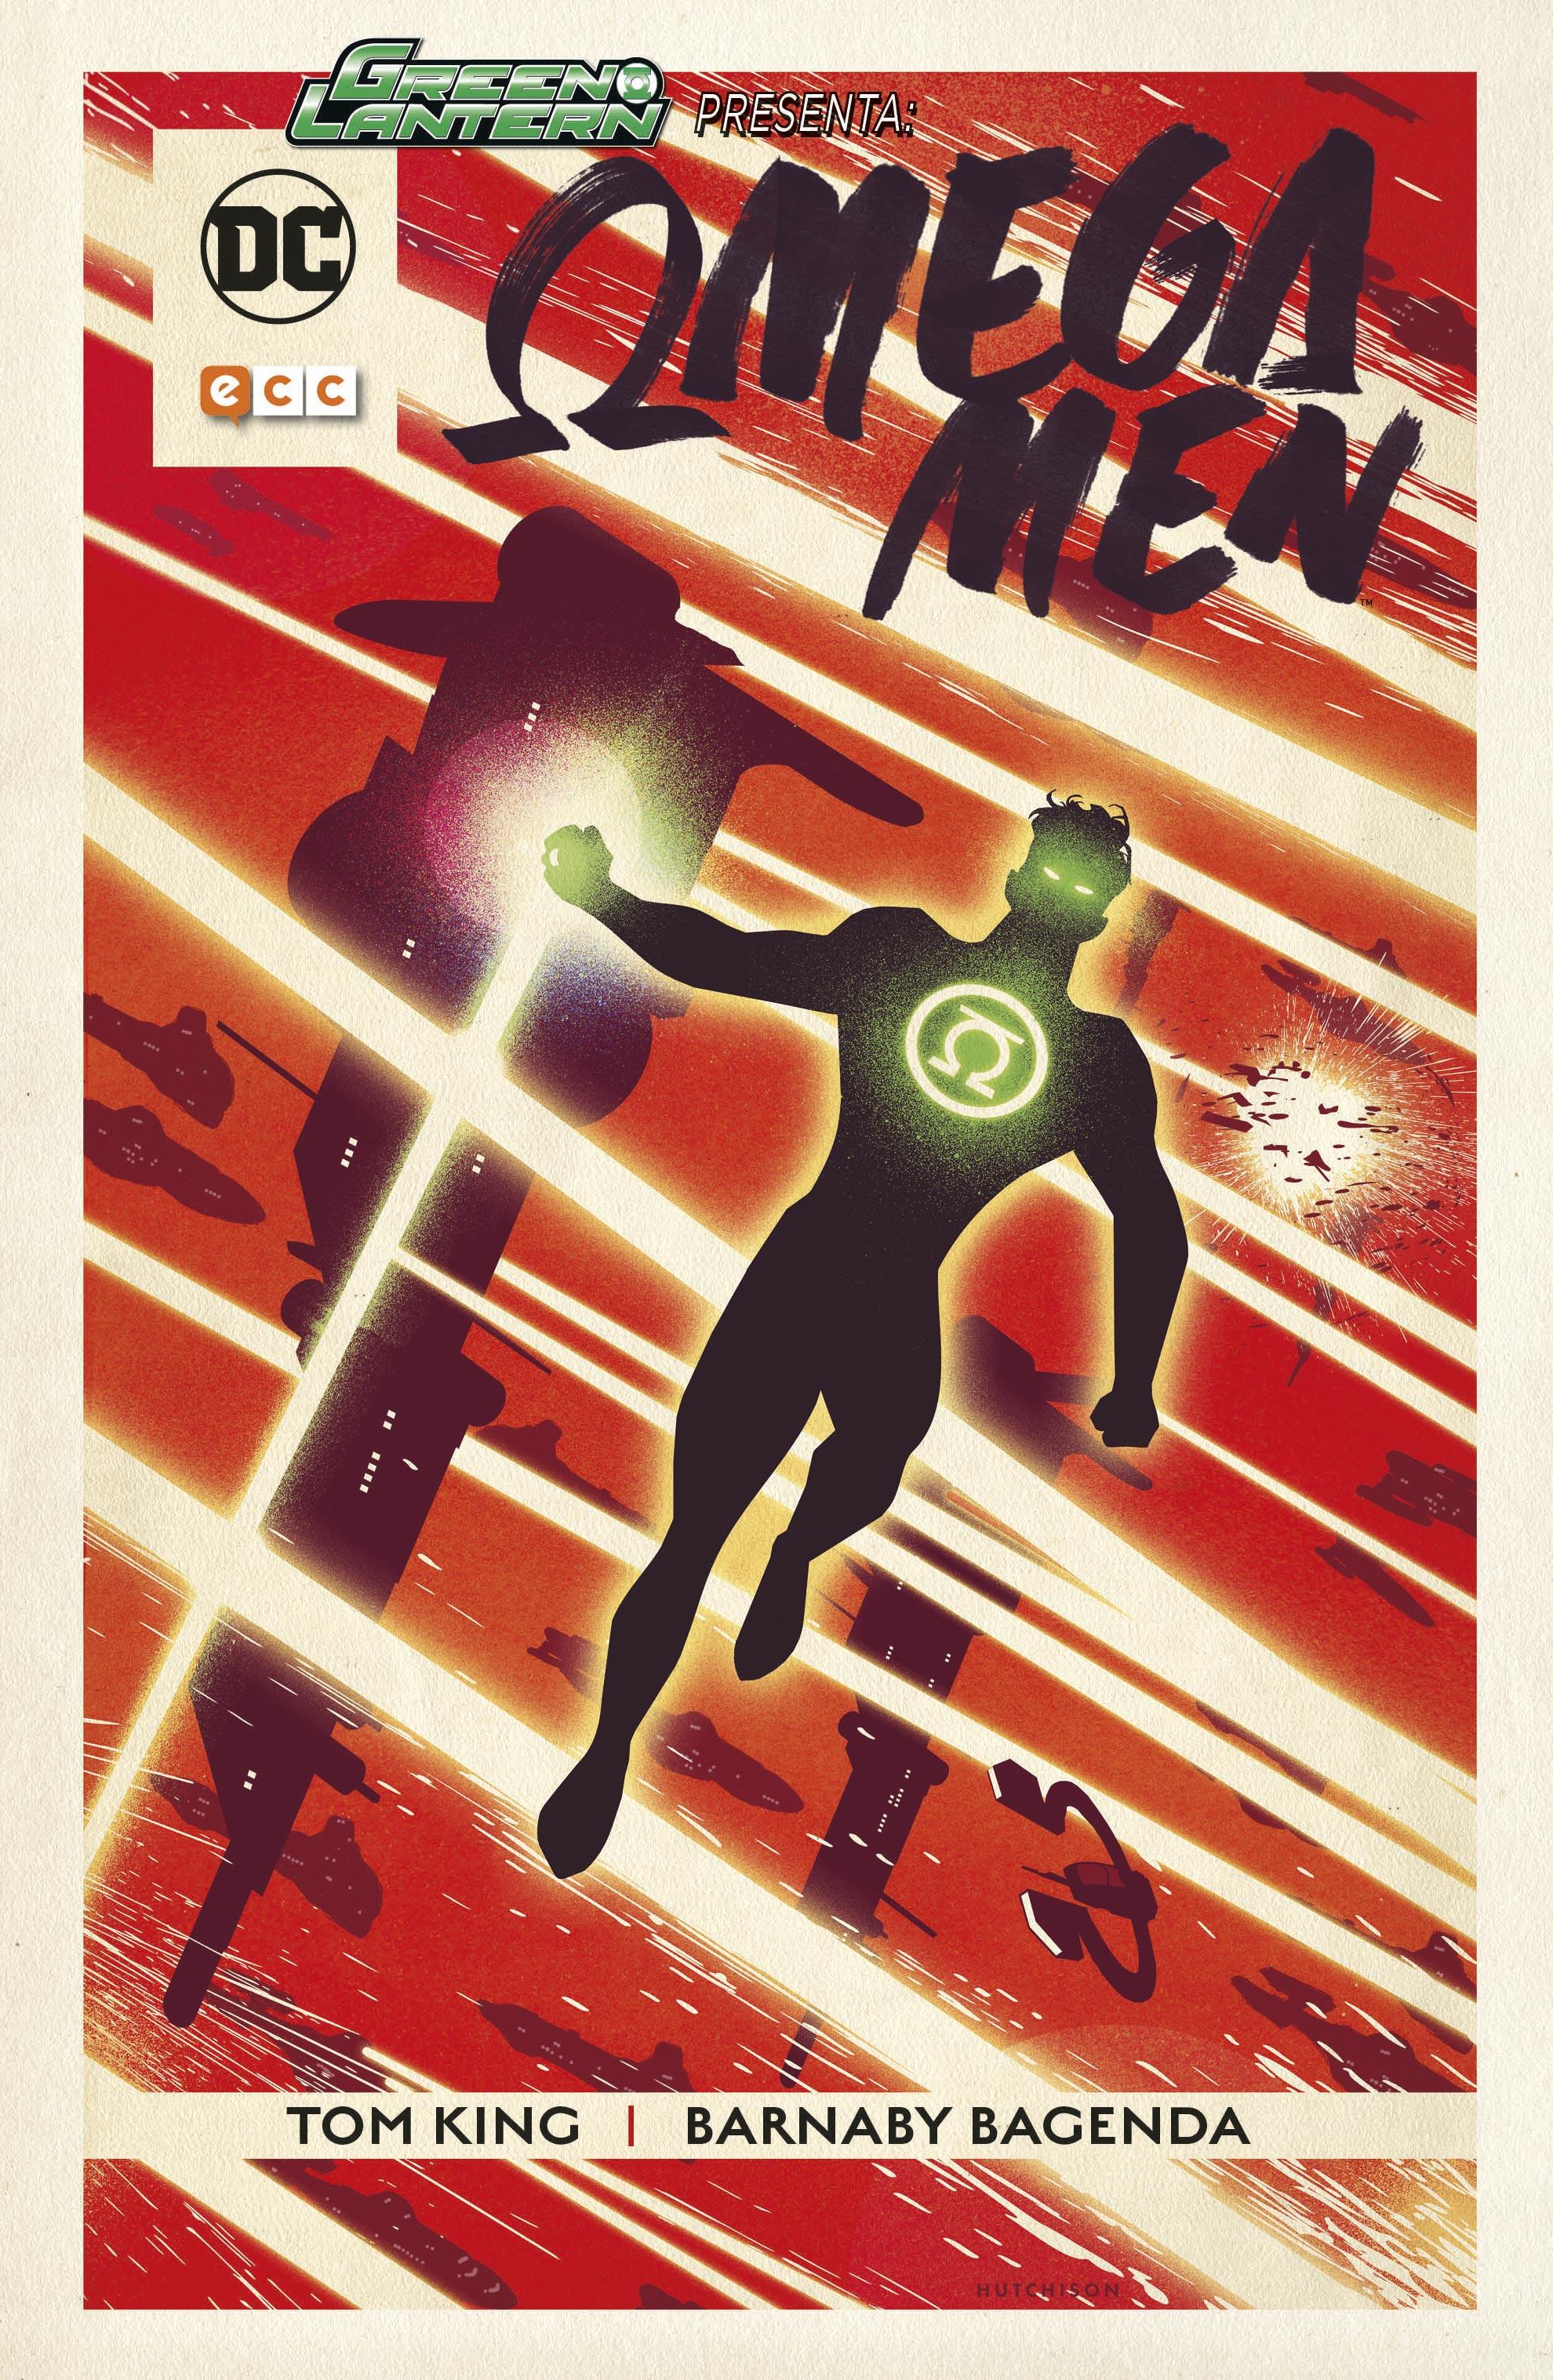 UN POCO DE NOVENO ARTE - Página 18 Cubierta_green_lantern_presenta_omega_men_WEB